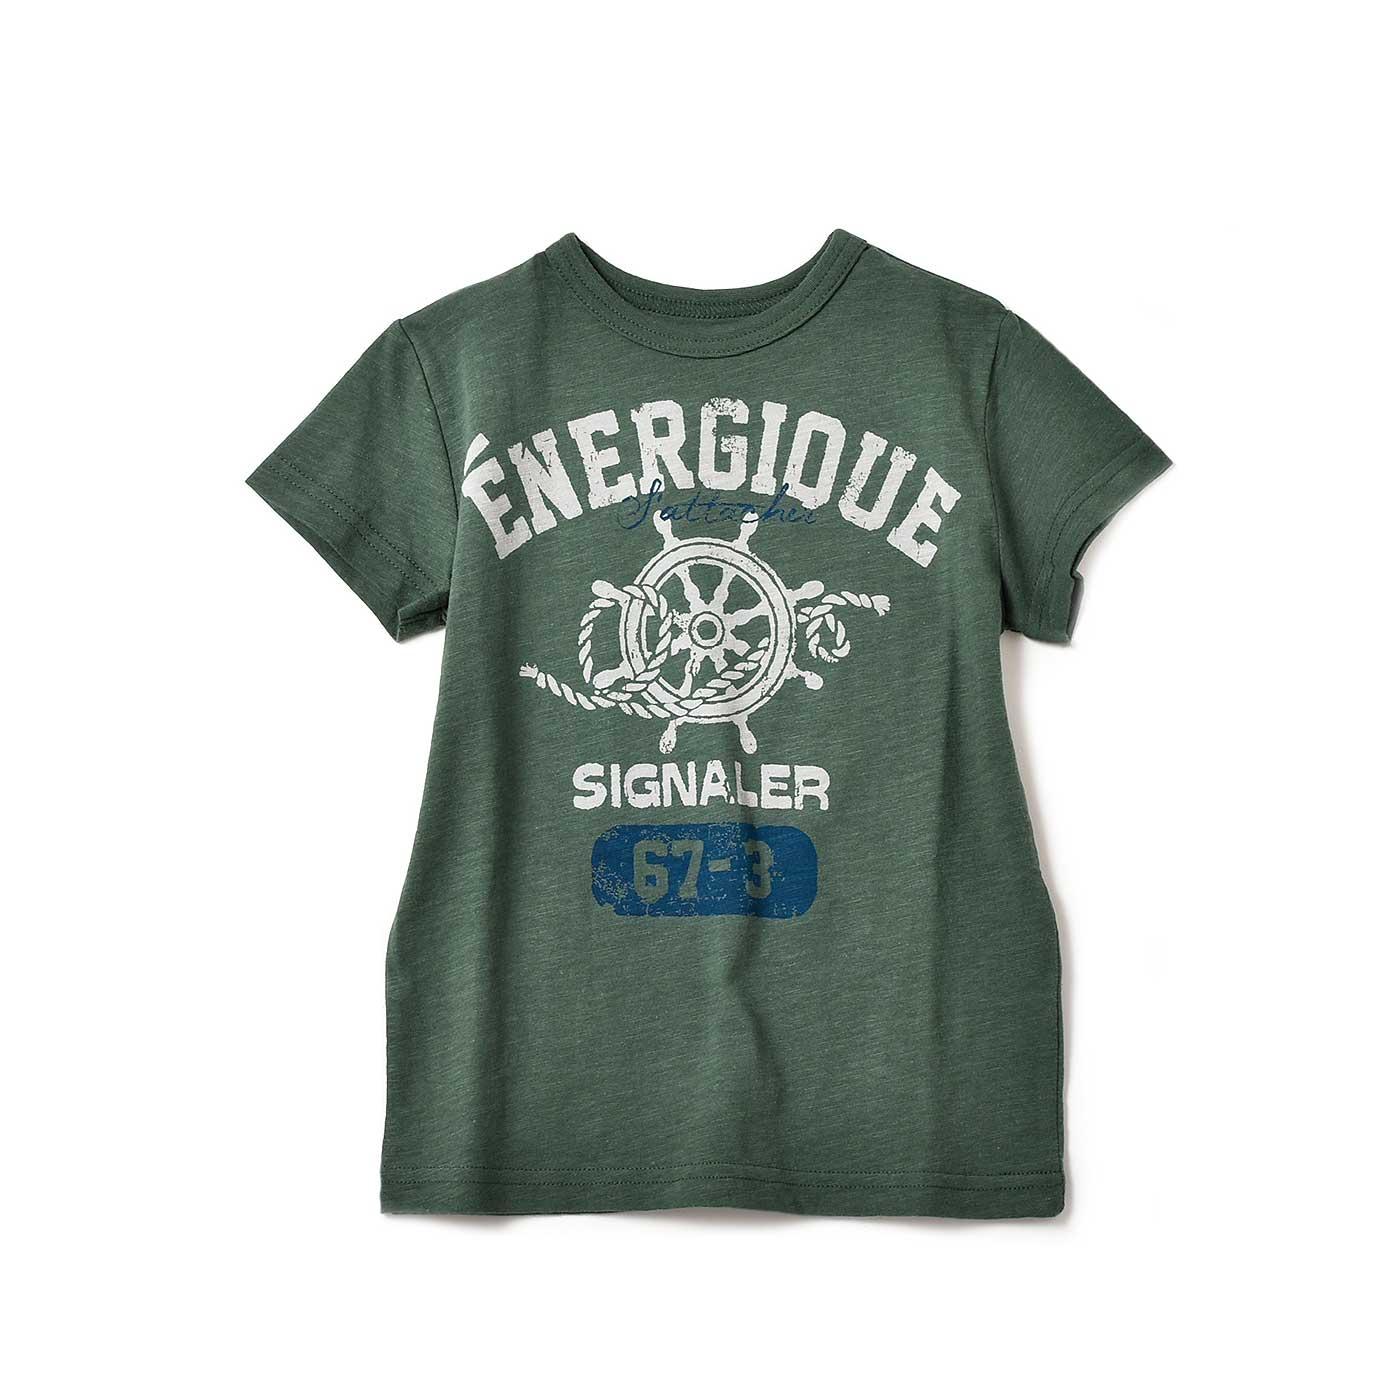 毎日着たくなる タフな顔のくったりロゴTシャツ〈キッズ〉〈29〉